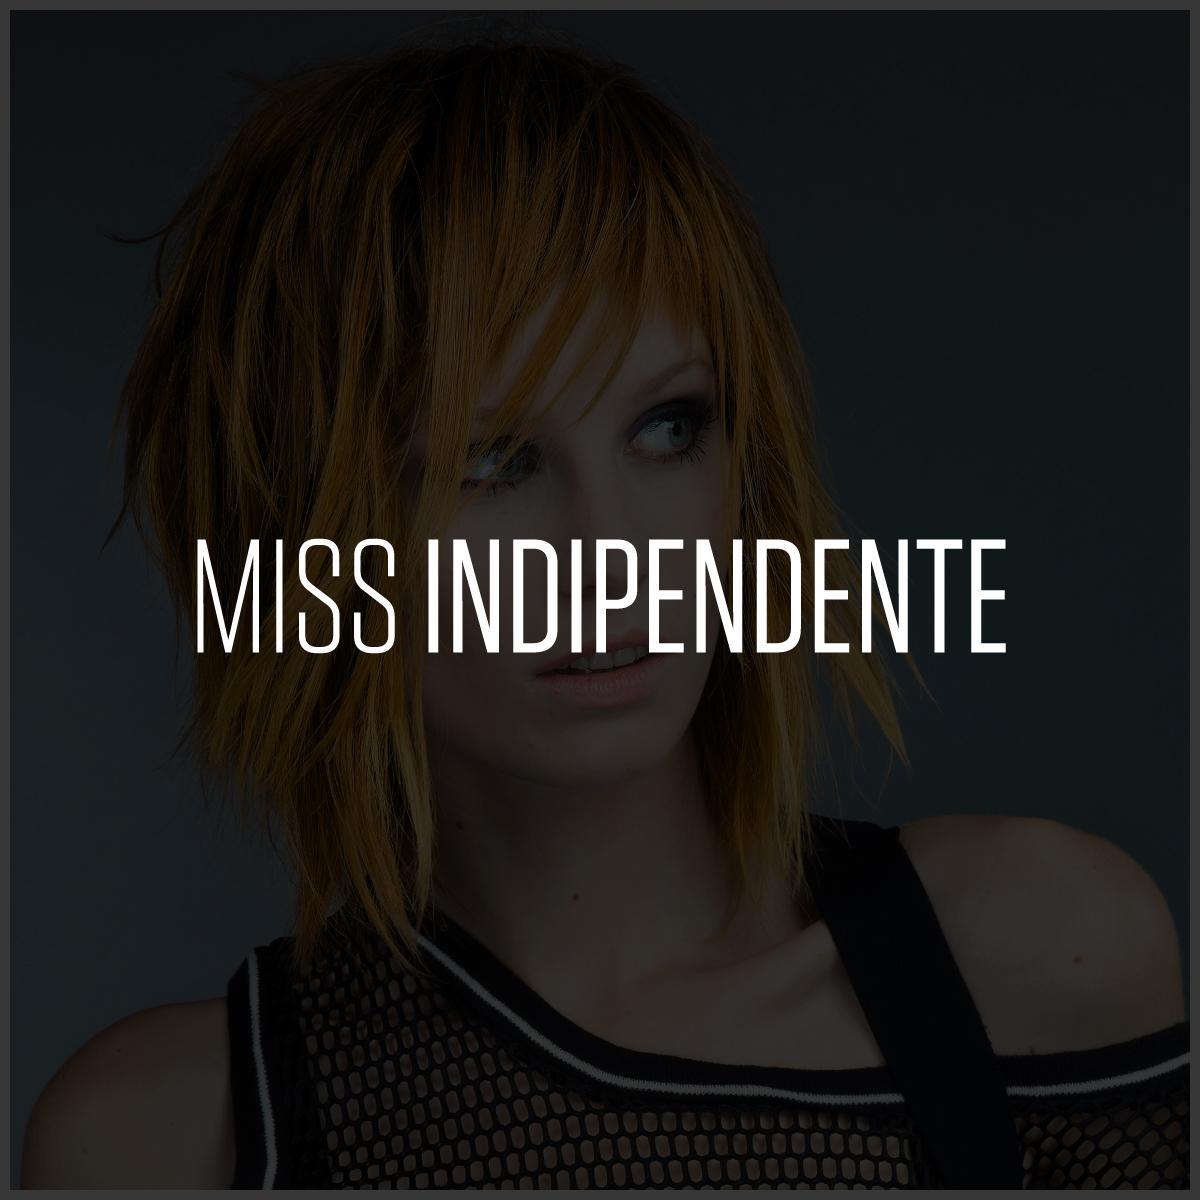 Miss Indipendente | Compagnia Della Bellezza | Collezione Miss l'era del coraggio | 2015